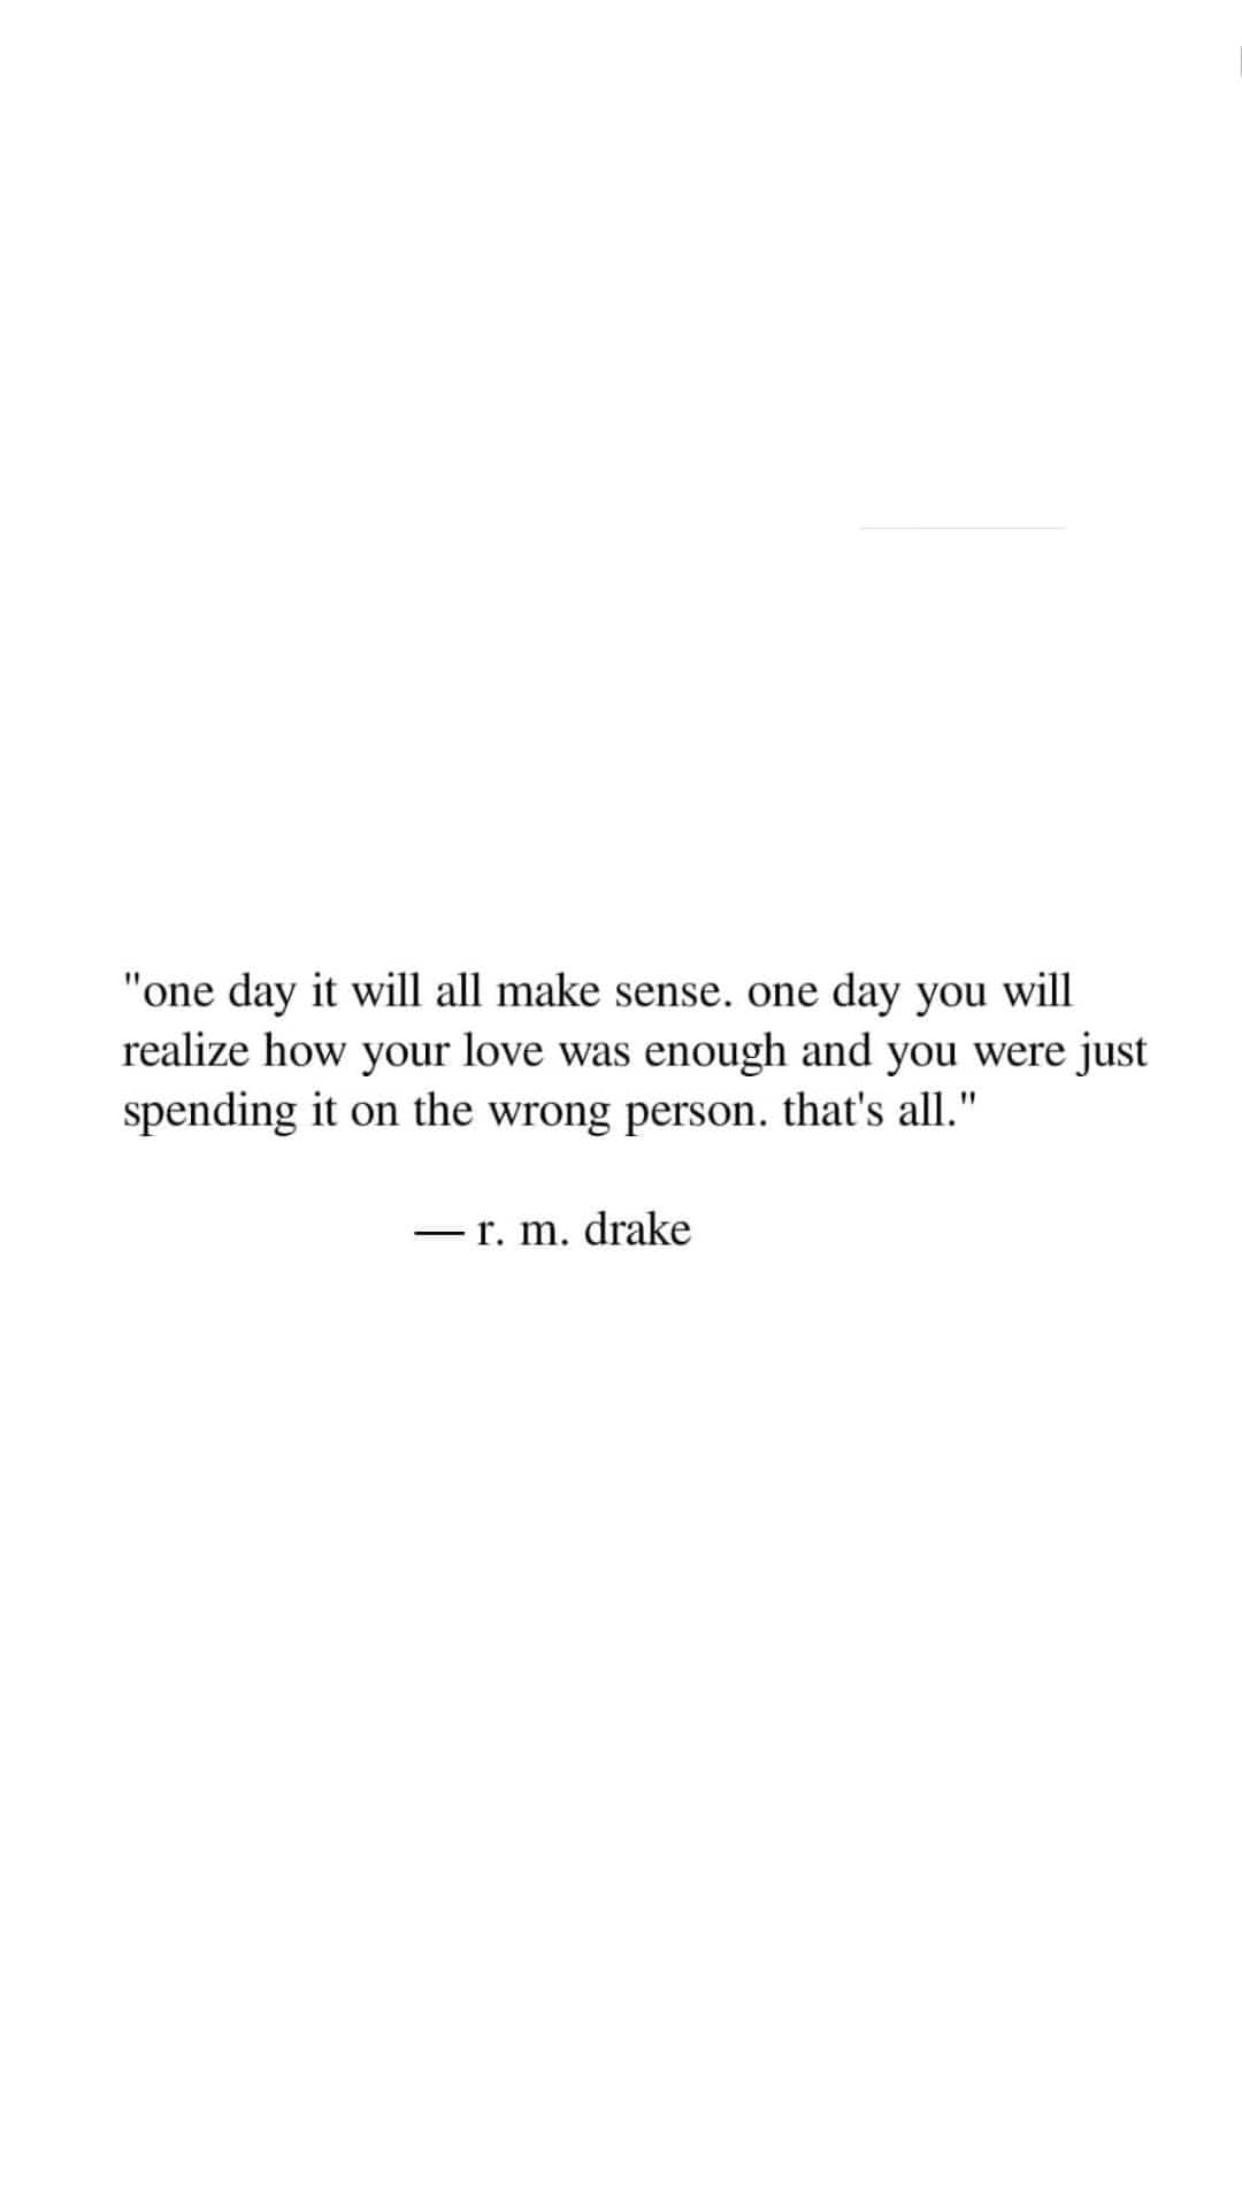 Un día todo tendrá sentido. Un día te darás cuenta de que tu amor fue suficiente y simplemente lo gastaste en la persona equivocada. Eso es todo